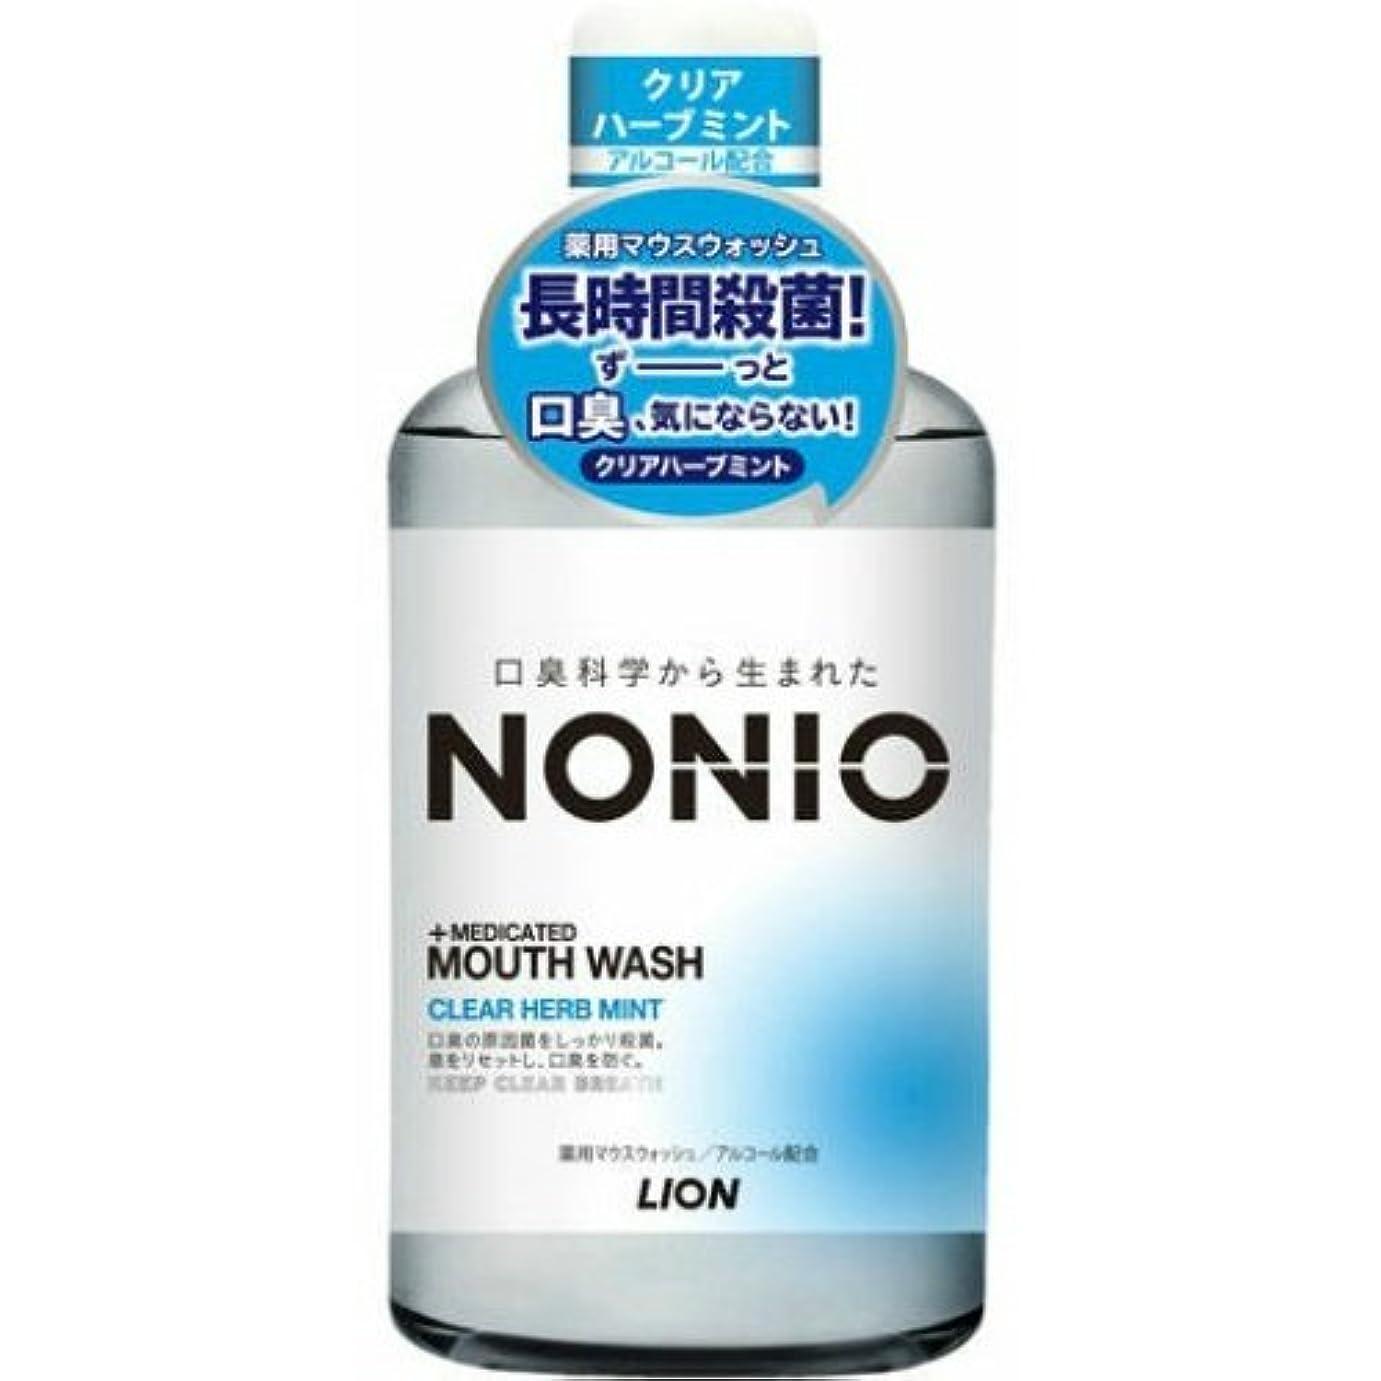 ルーあいまいな今後LION ライオン ノニオ NONIO 薬用マウスウォッシュ クリアハーブミント 600ml ×012点セット(4903301259350)